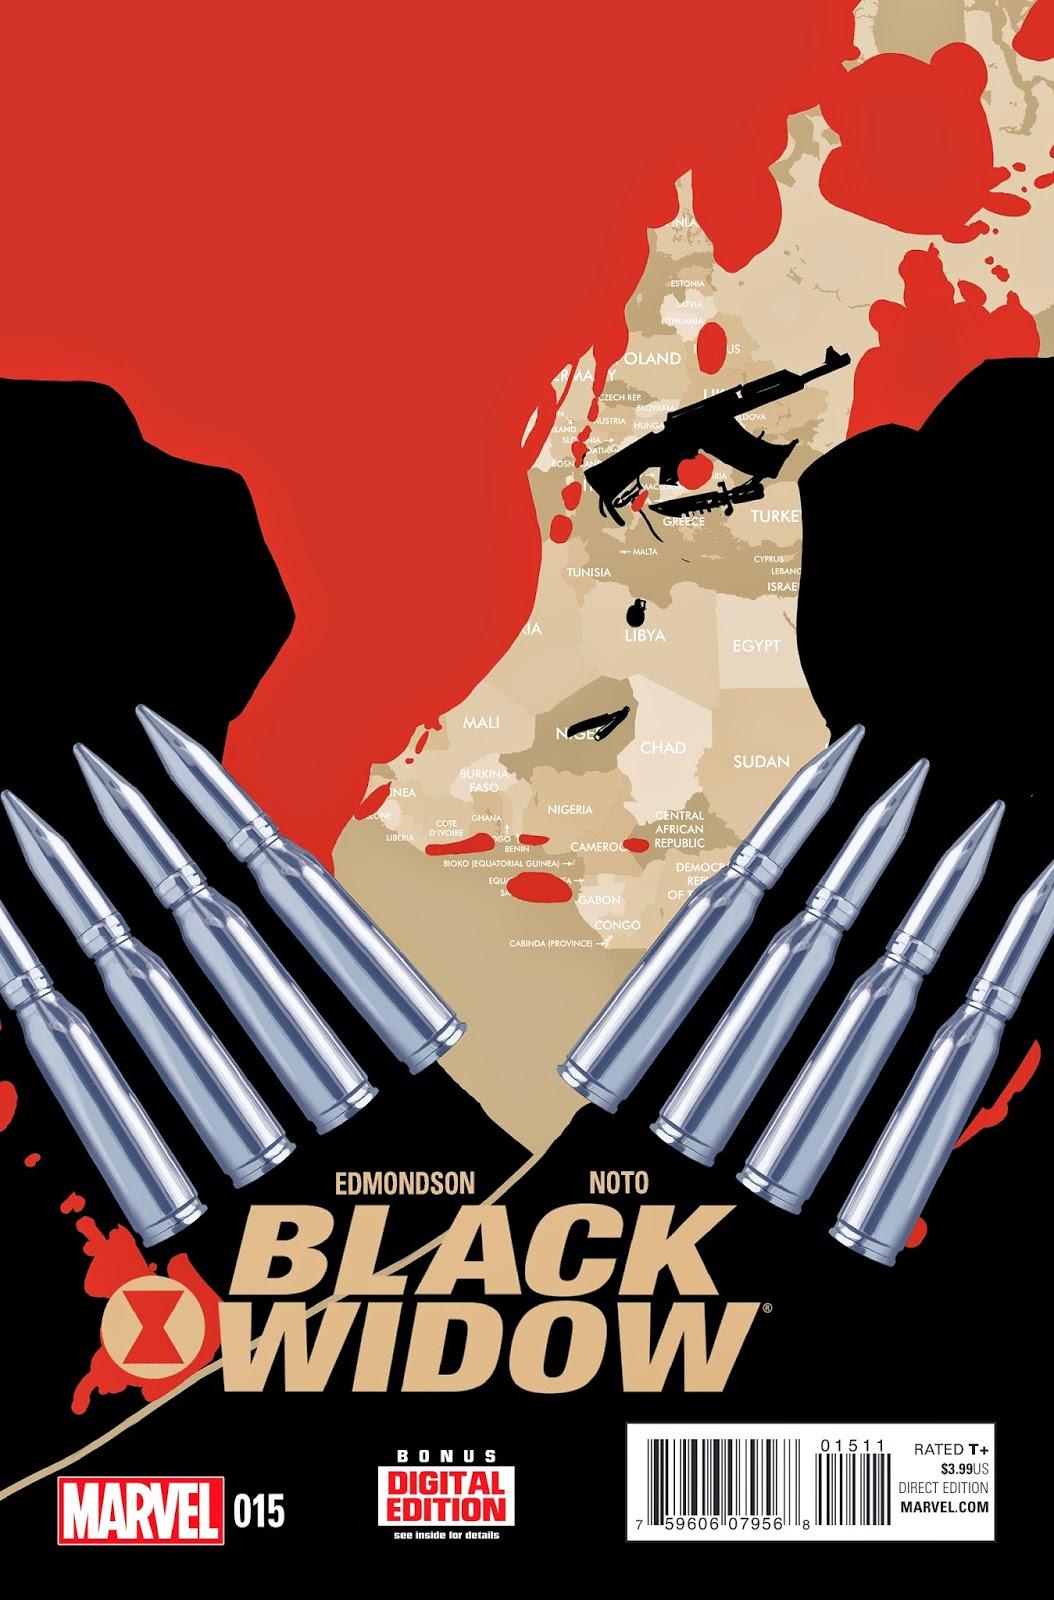 http://www.google.com/url?sa=t&rct=j&q=&esrc=s&source=web&cd=1&ved=0CCAQFjAA&url=http%3A%2F%2Fwww.comicvine.com%2Farticles%2Fpreview-black-widow-15%2F1100-151297%2F&ei=x_bjVMHsDs3voATJqIGwDg&usg=AFQjCNGCWEFL2Tx31YKW6Zq23ceG2wrfNQ&sig2=H268l_TCgw85VsoPcRrWuw&bvm=bv.85970519,d.cGU